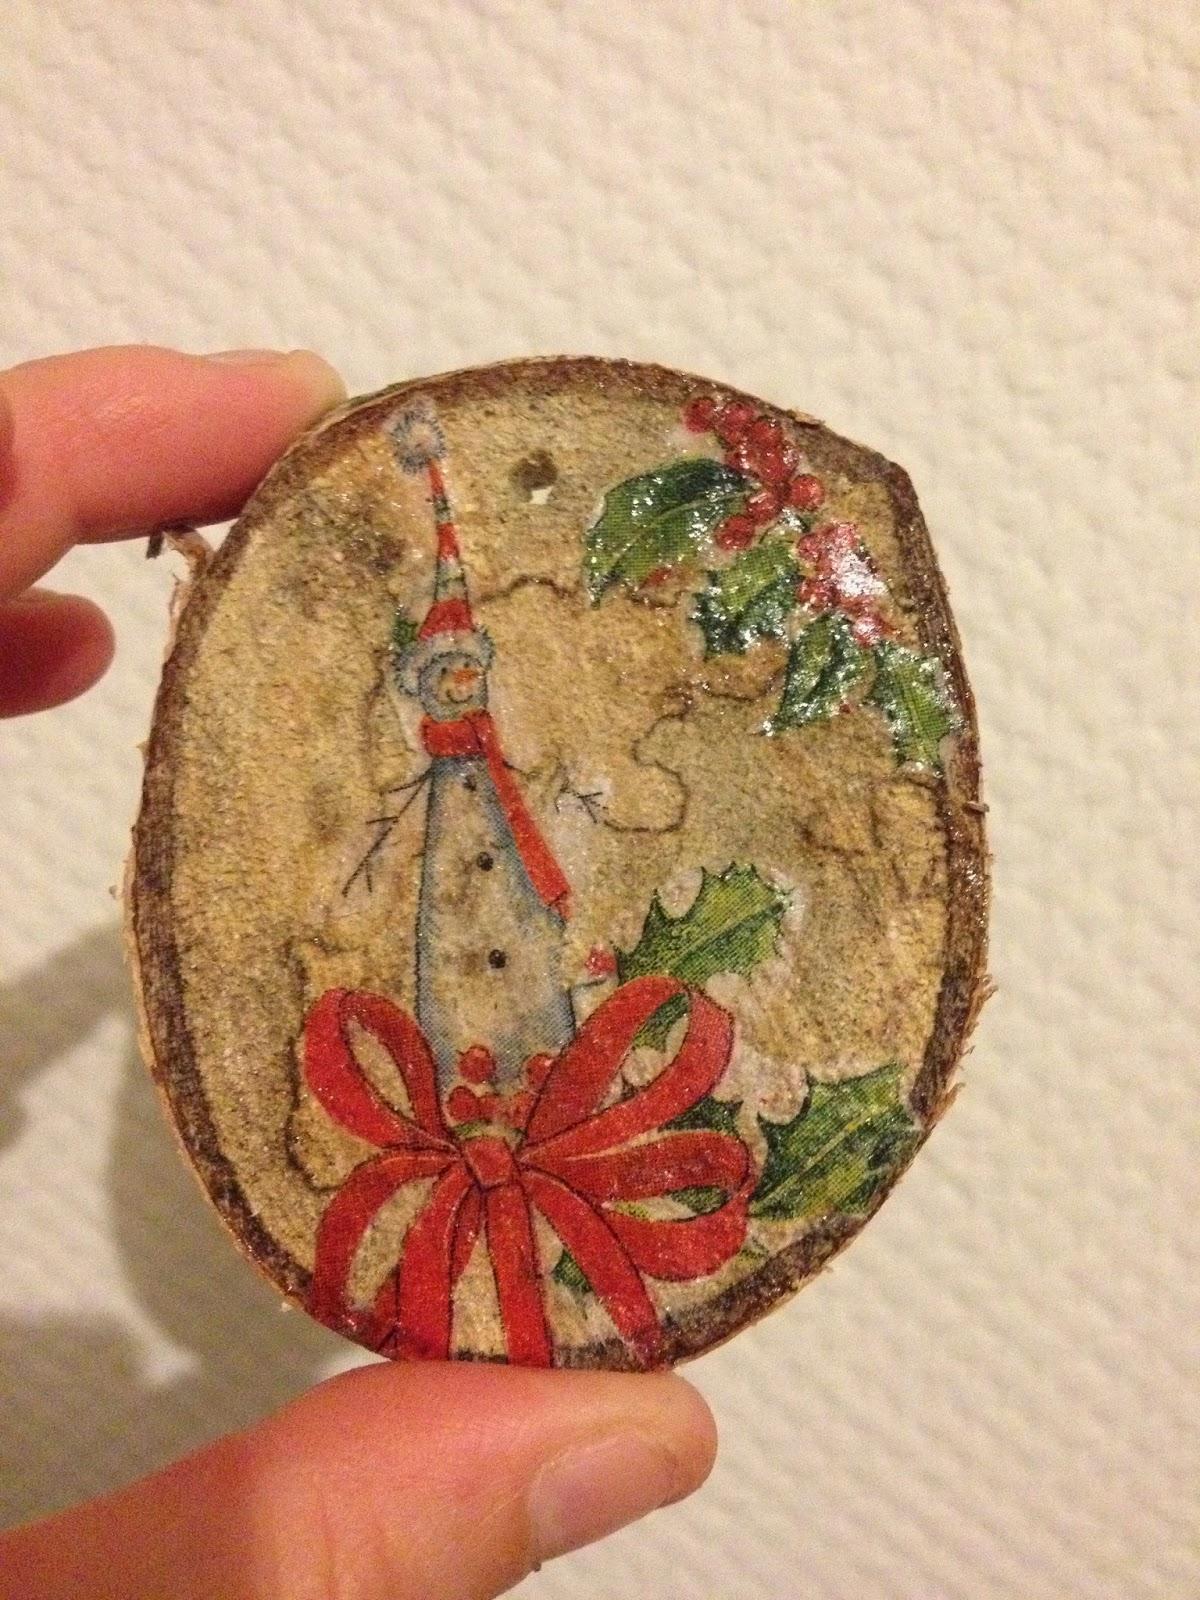 Decoration Noel Avec Buche Bois Decoration De Noel Avec Buche De